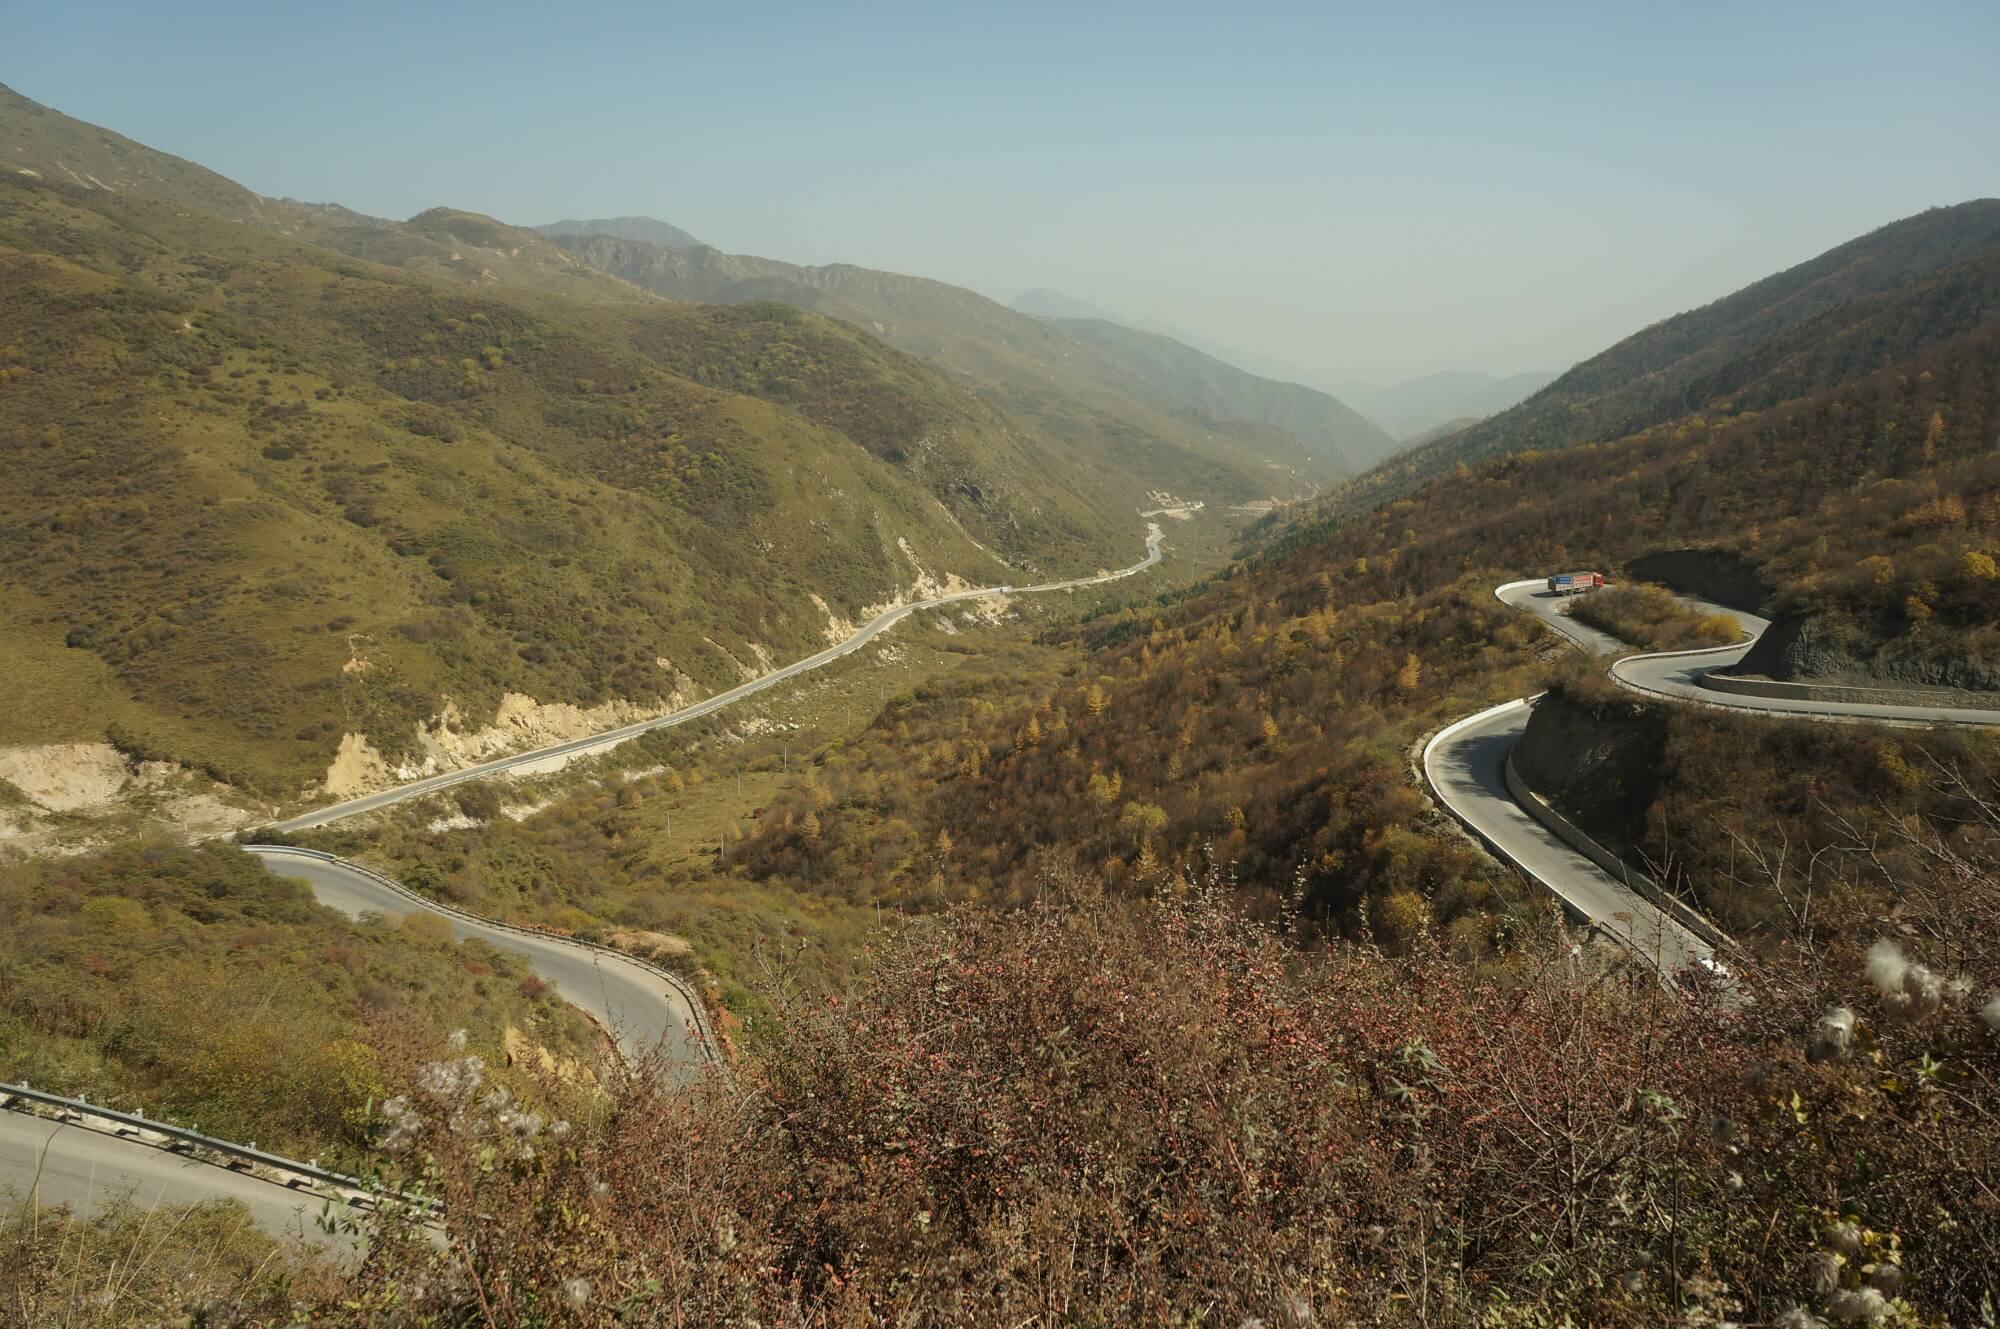 Znów góry! Przełęczka ok. 3000 m npm i piękna serpentyna na zjeździe